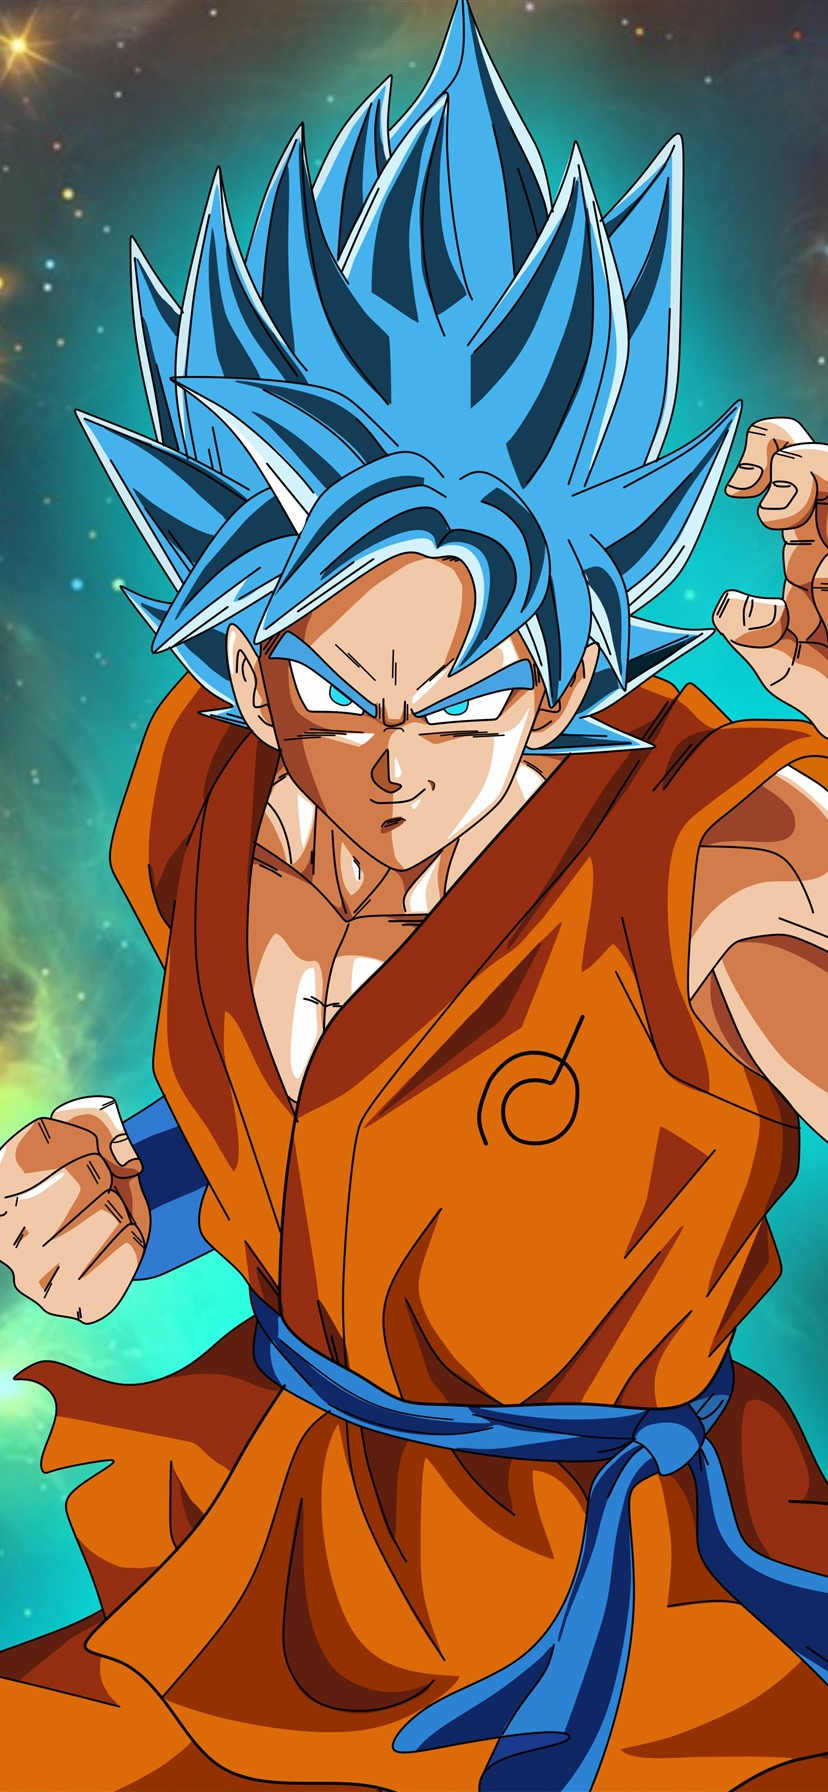 Wallpaper Dragon Ball Super Goku Anime 7680x4320 Uhd 8k